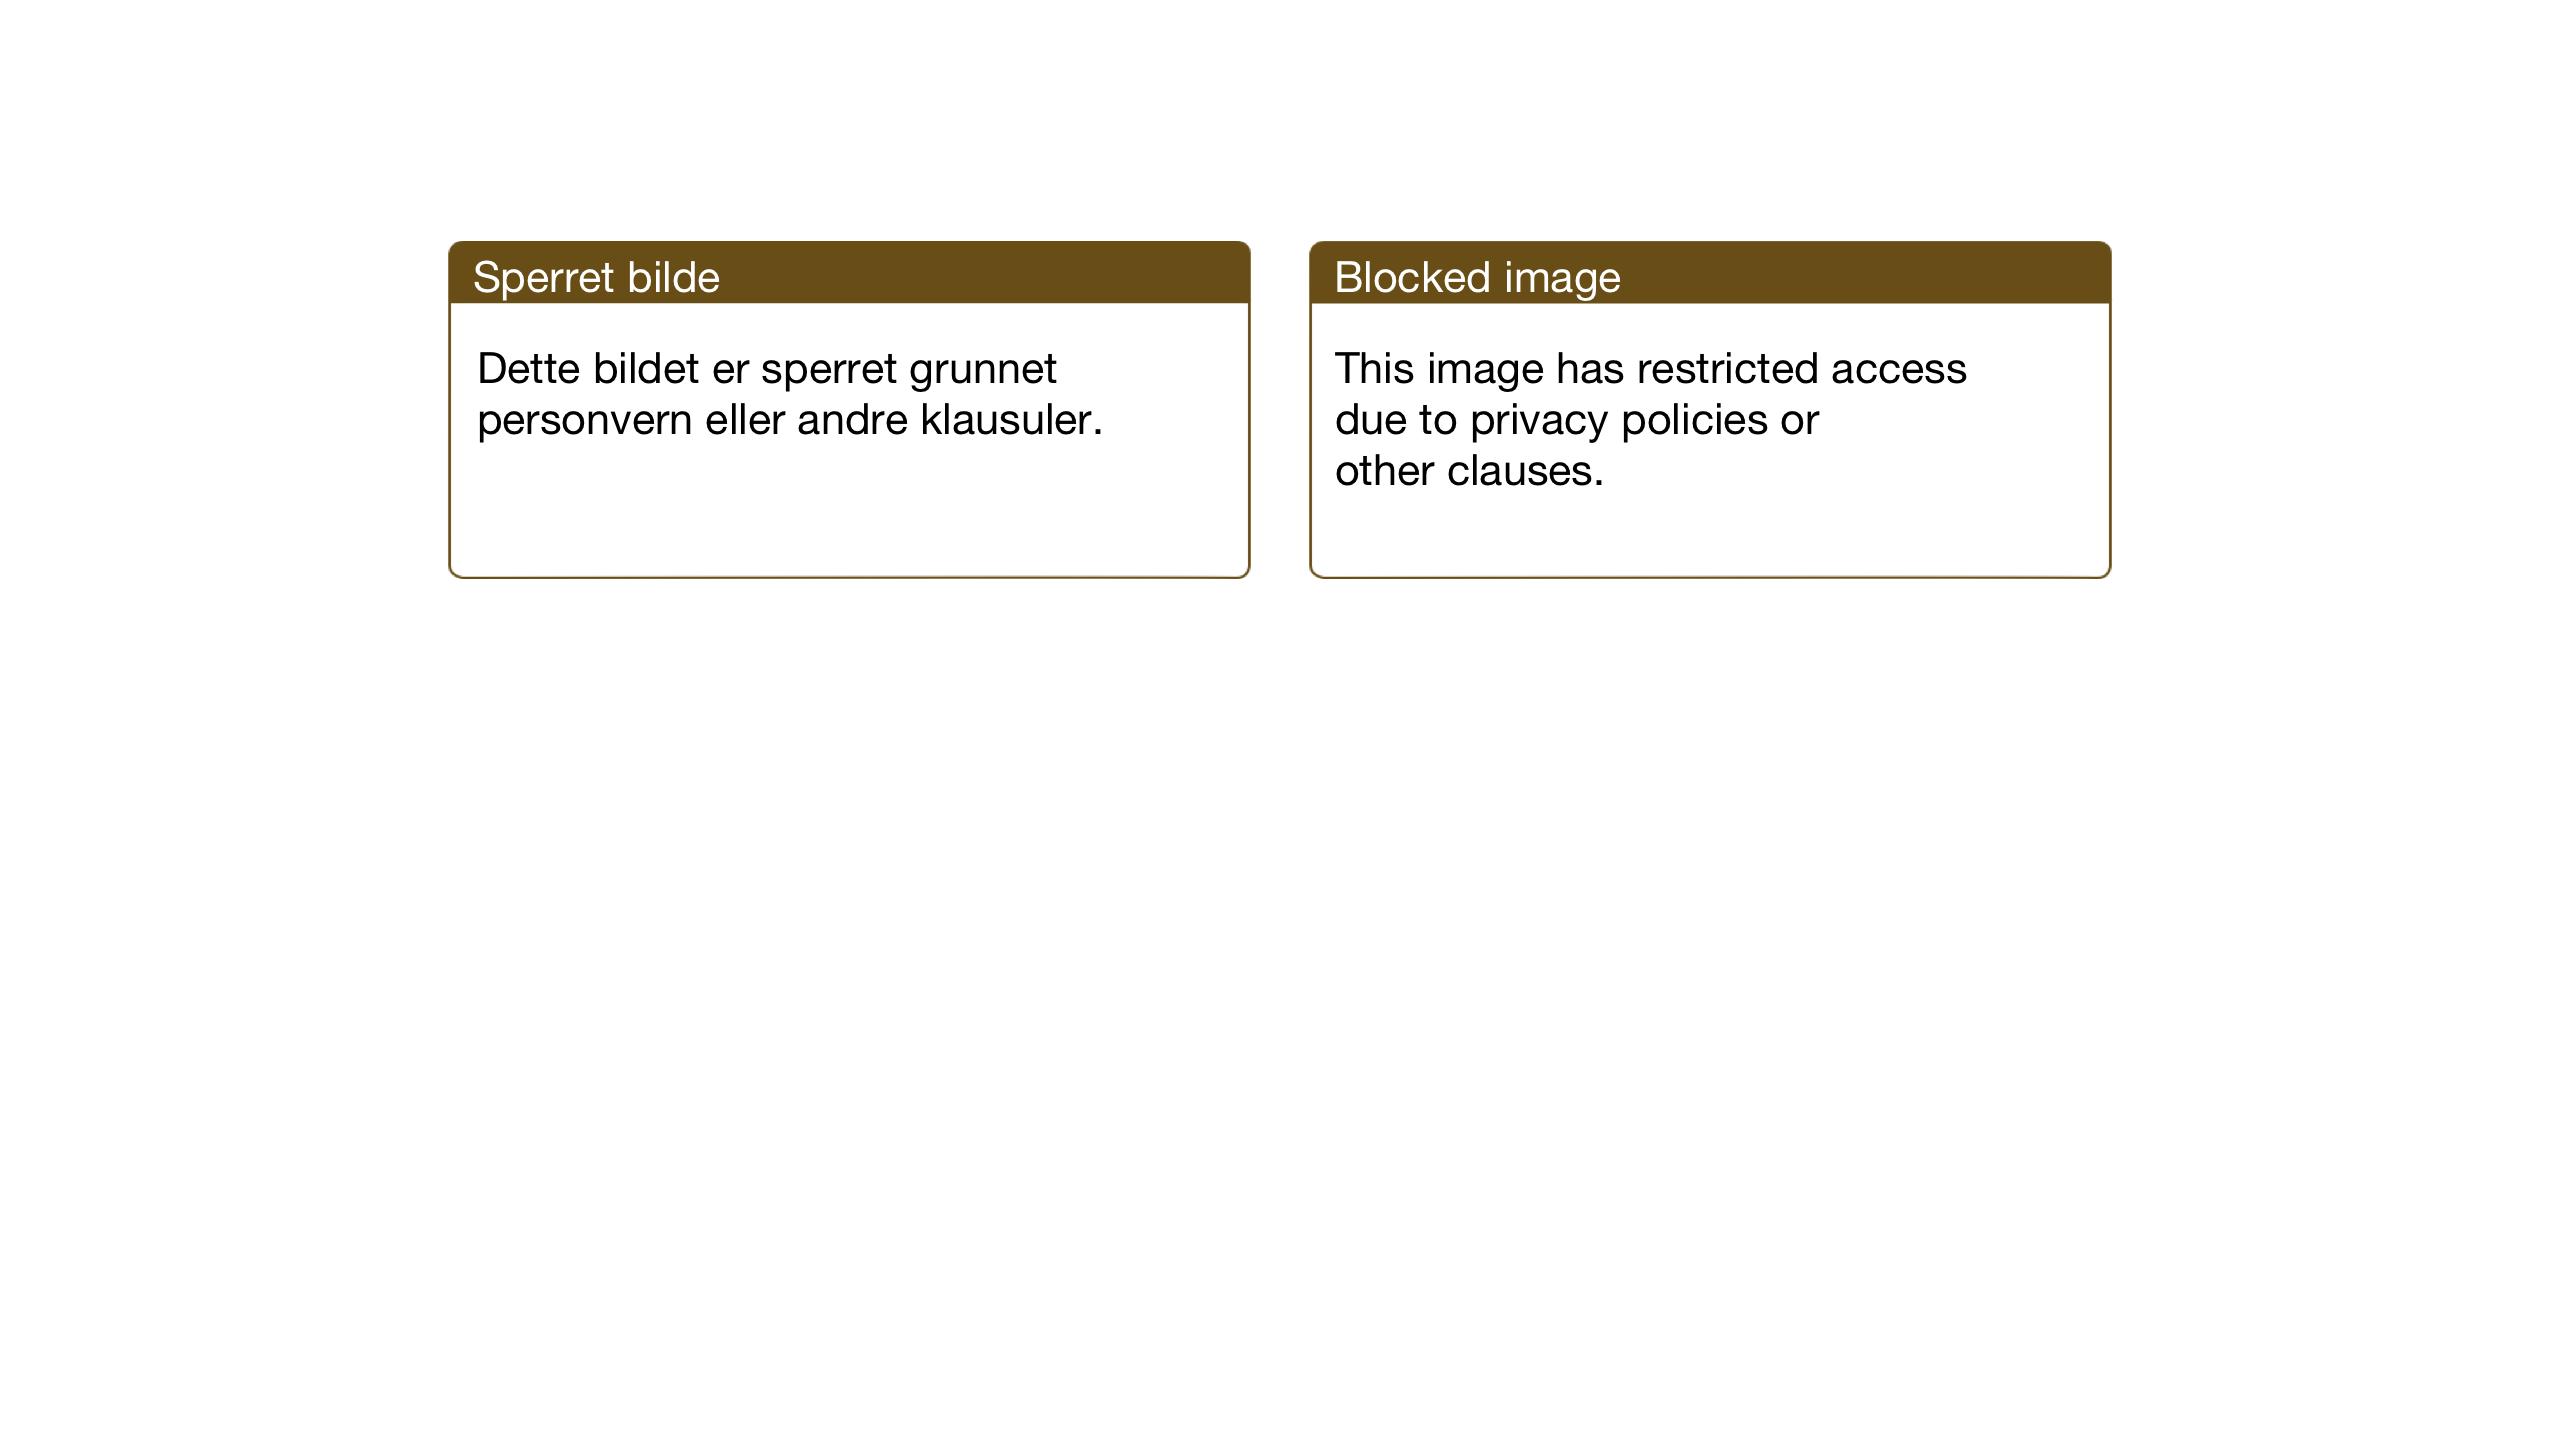 SAT, Ministerialprotokoller, klokkerbøker og fødselsregistre - Sør-Trøndelag, 638/L0569: Klokkerbok nr. 638C01, 1923-1961, s. 119